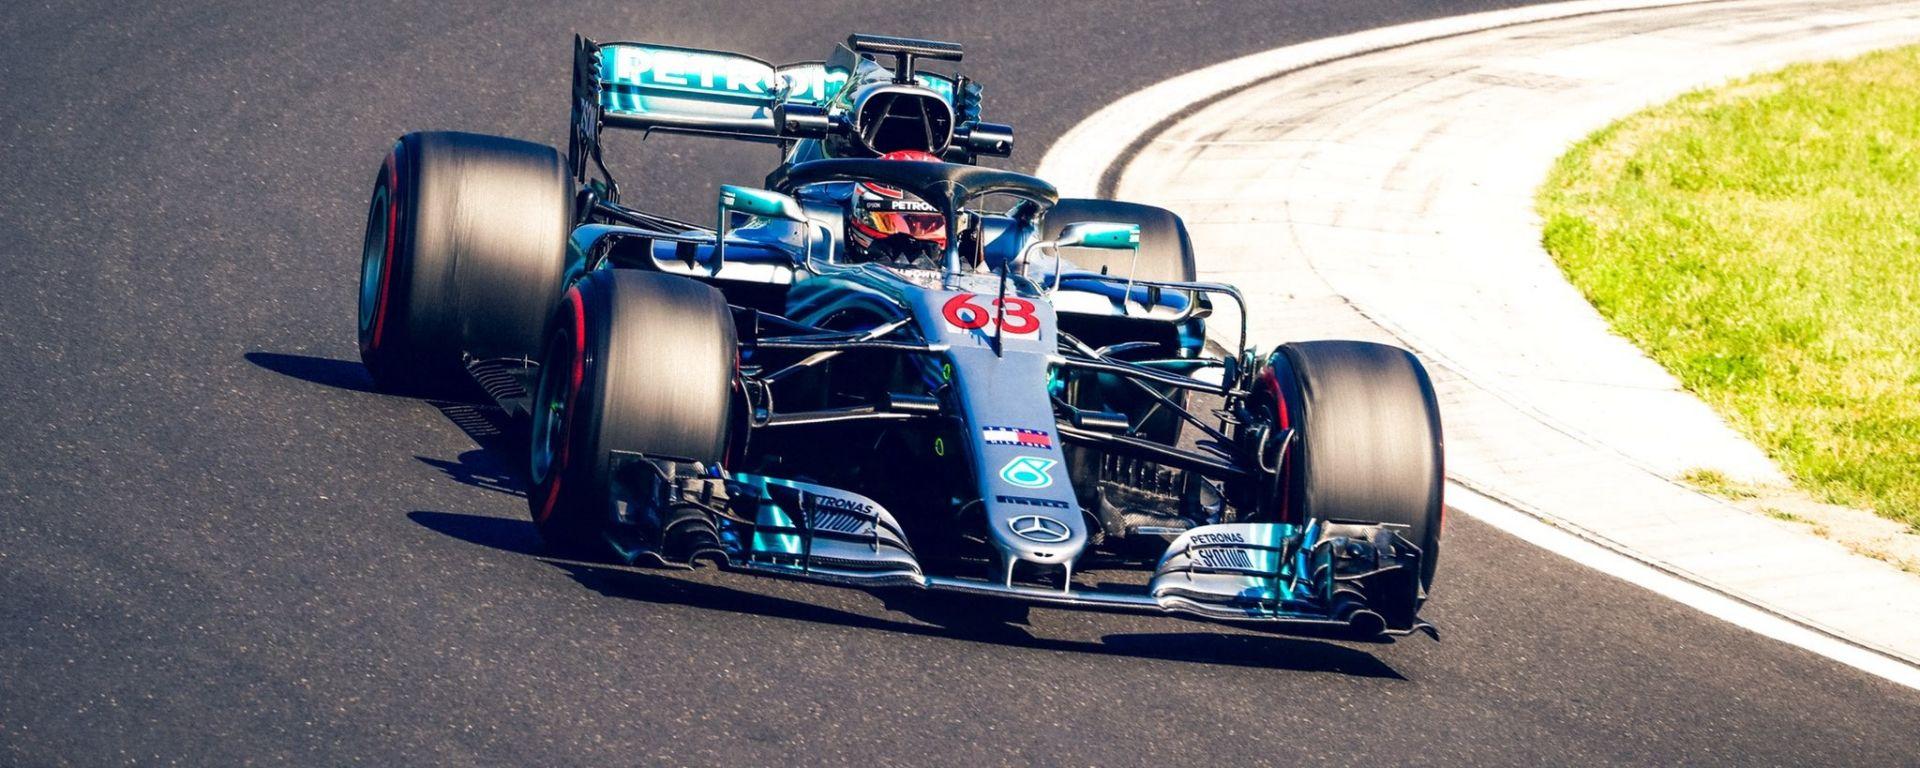 Test Hungaroring 2018, seconda giornata, George Russell in azione con la Mercedes